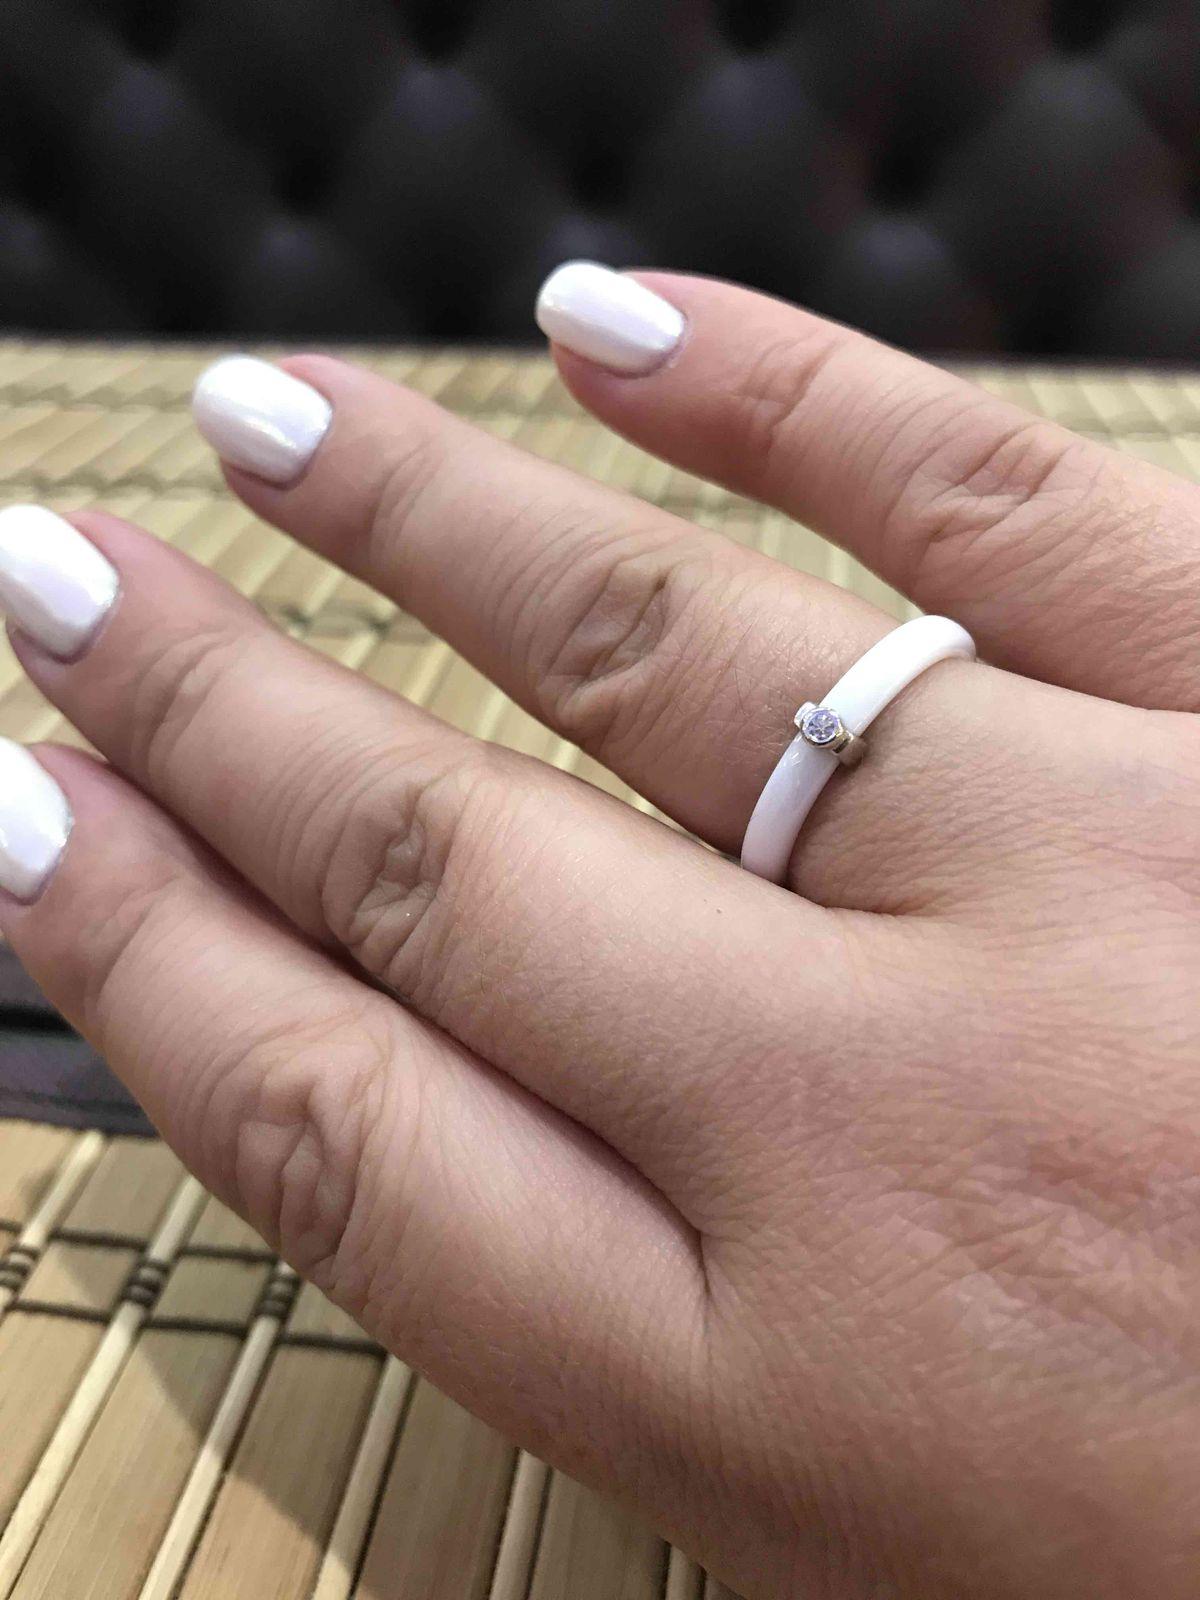 Керамическое кольцо с серебном прекрасного белого цвета . камень супер